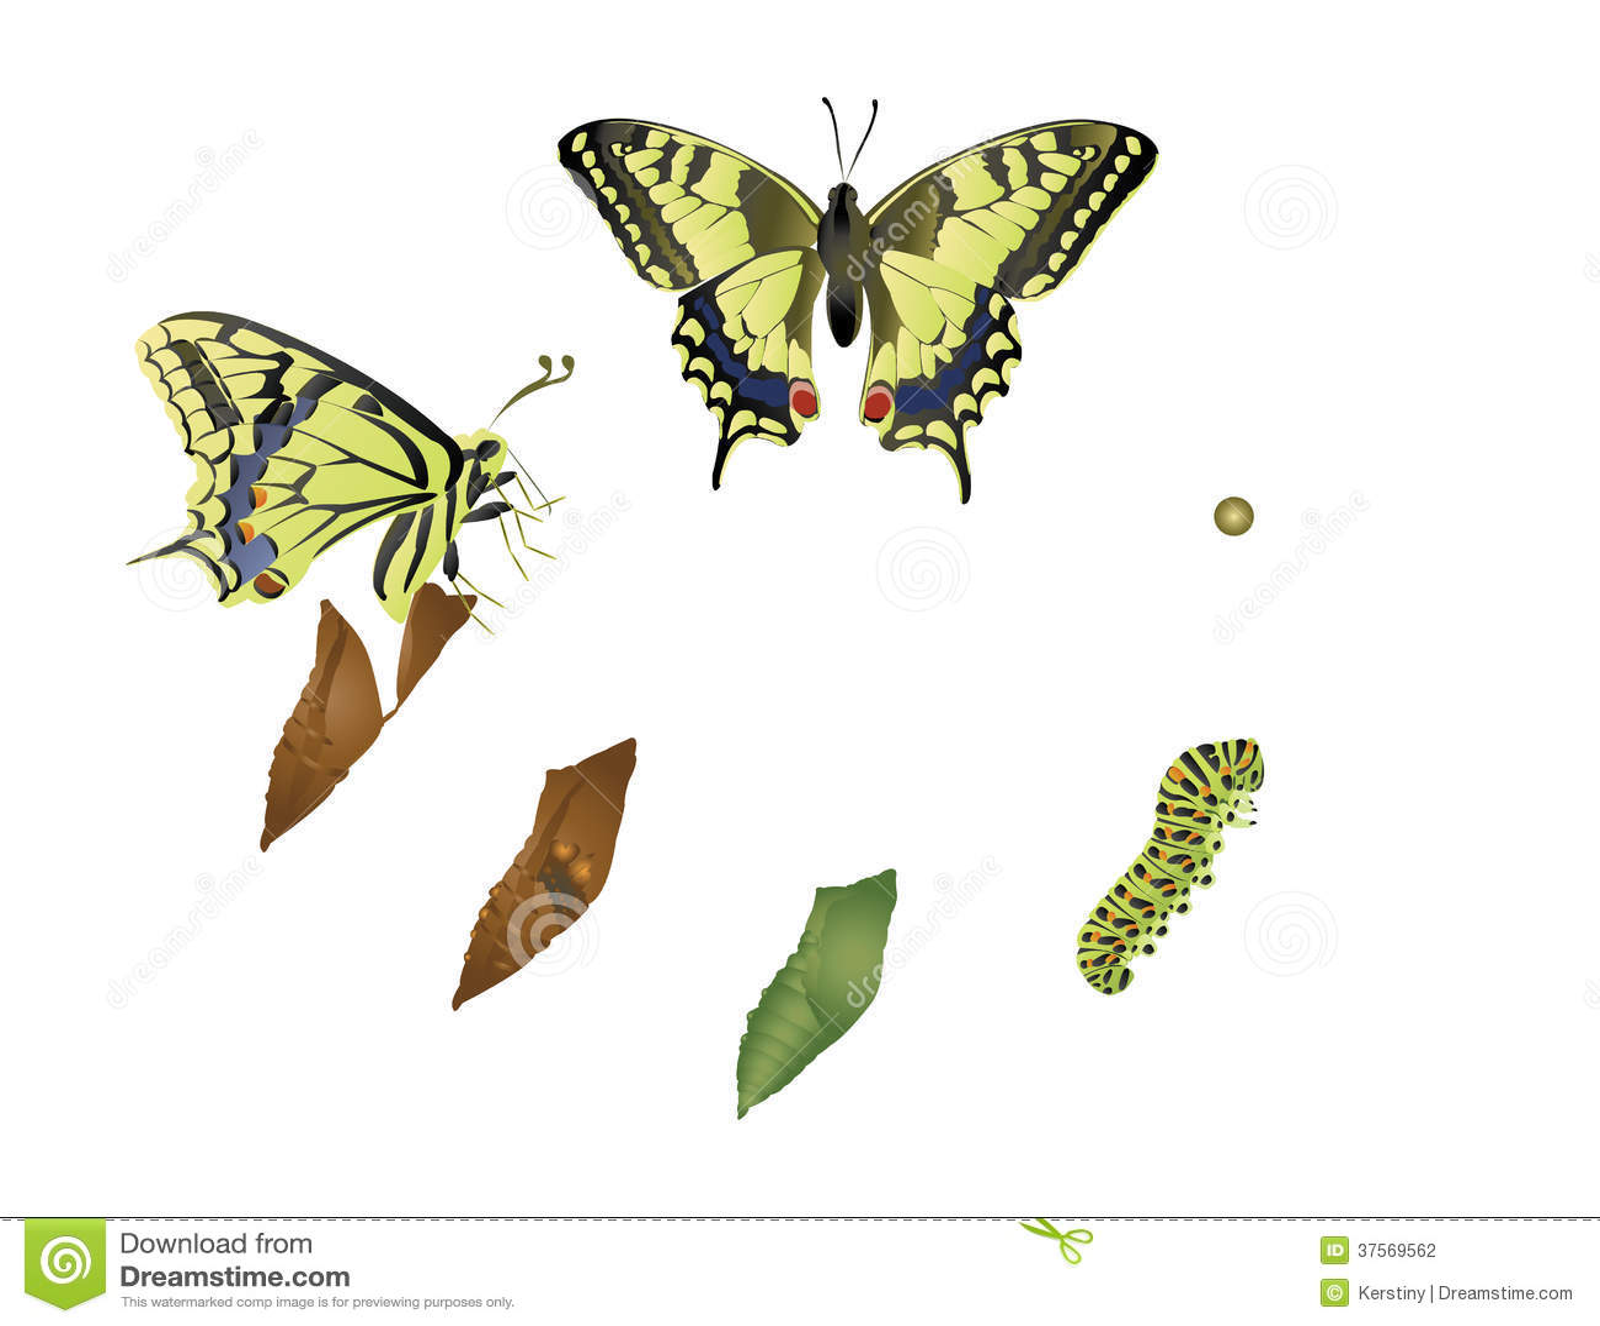 Cycle de vie de papillon illustration stock illustration du insectes 37569562 - Duree de vie papillon de nuit ...